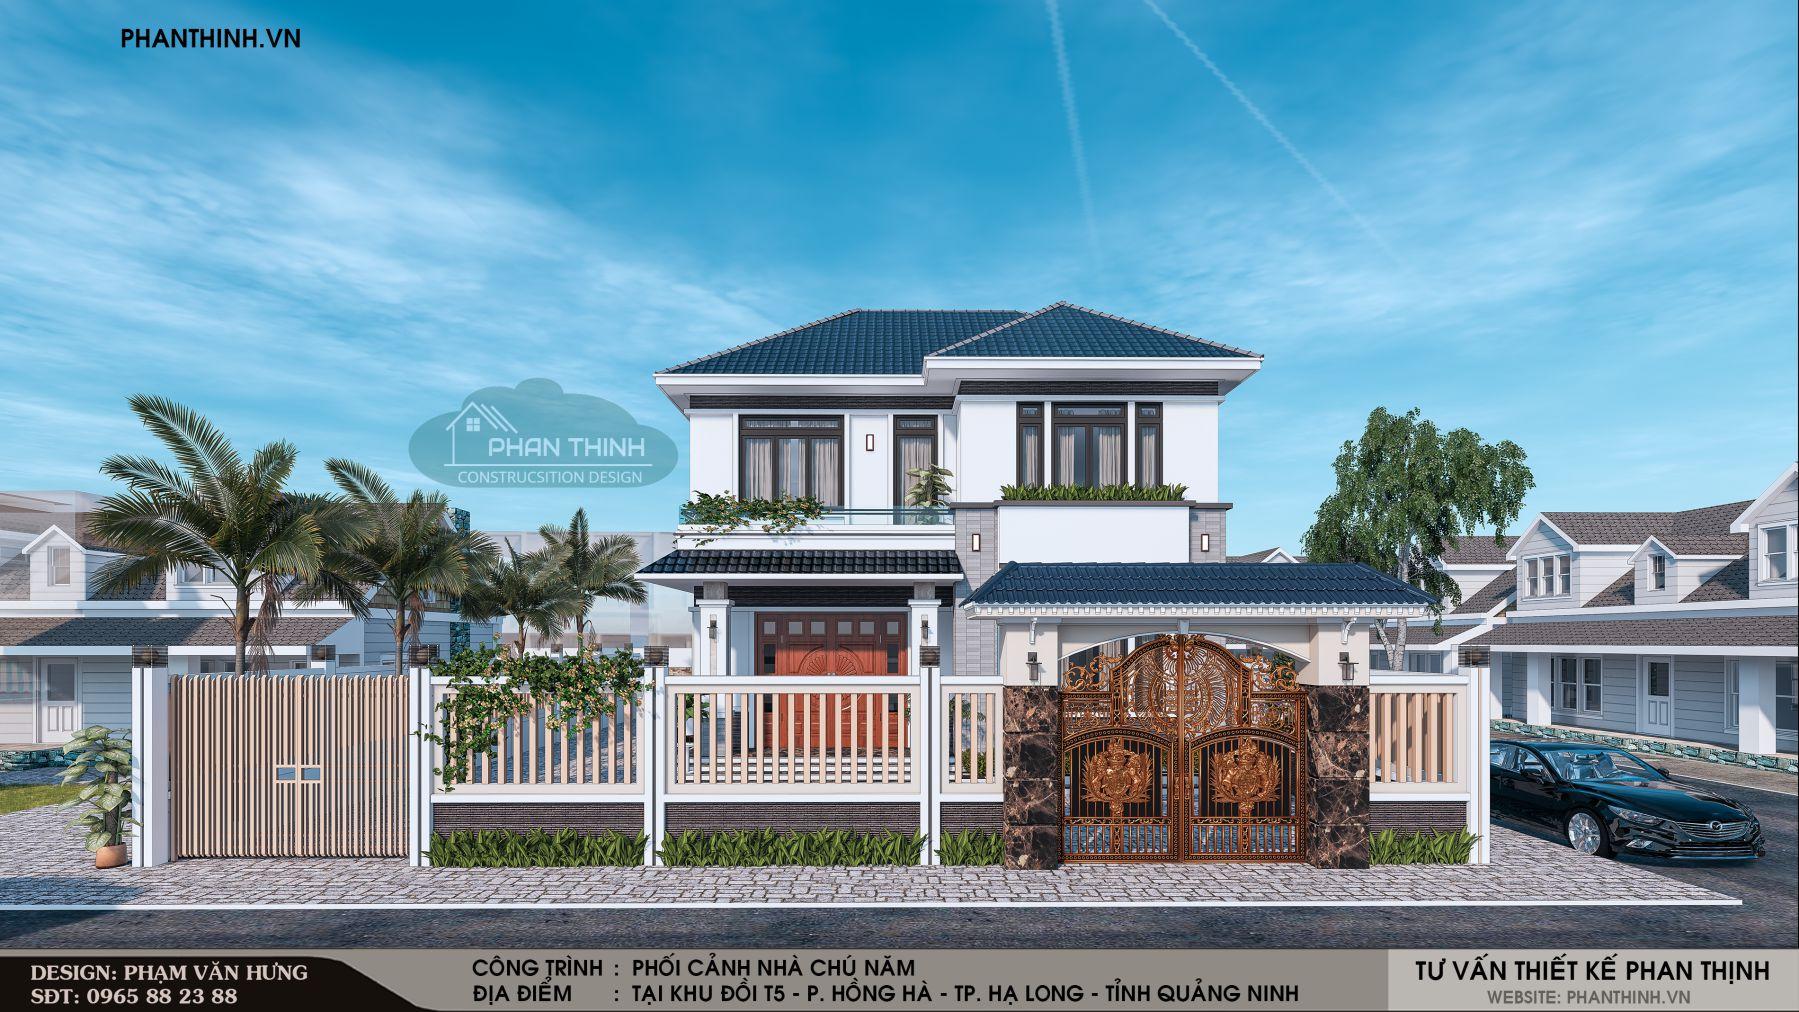 Thiết kế biệt thự 2 tầng mái thái phong cách thiết kế hiện đại, nhà vườn mini